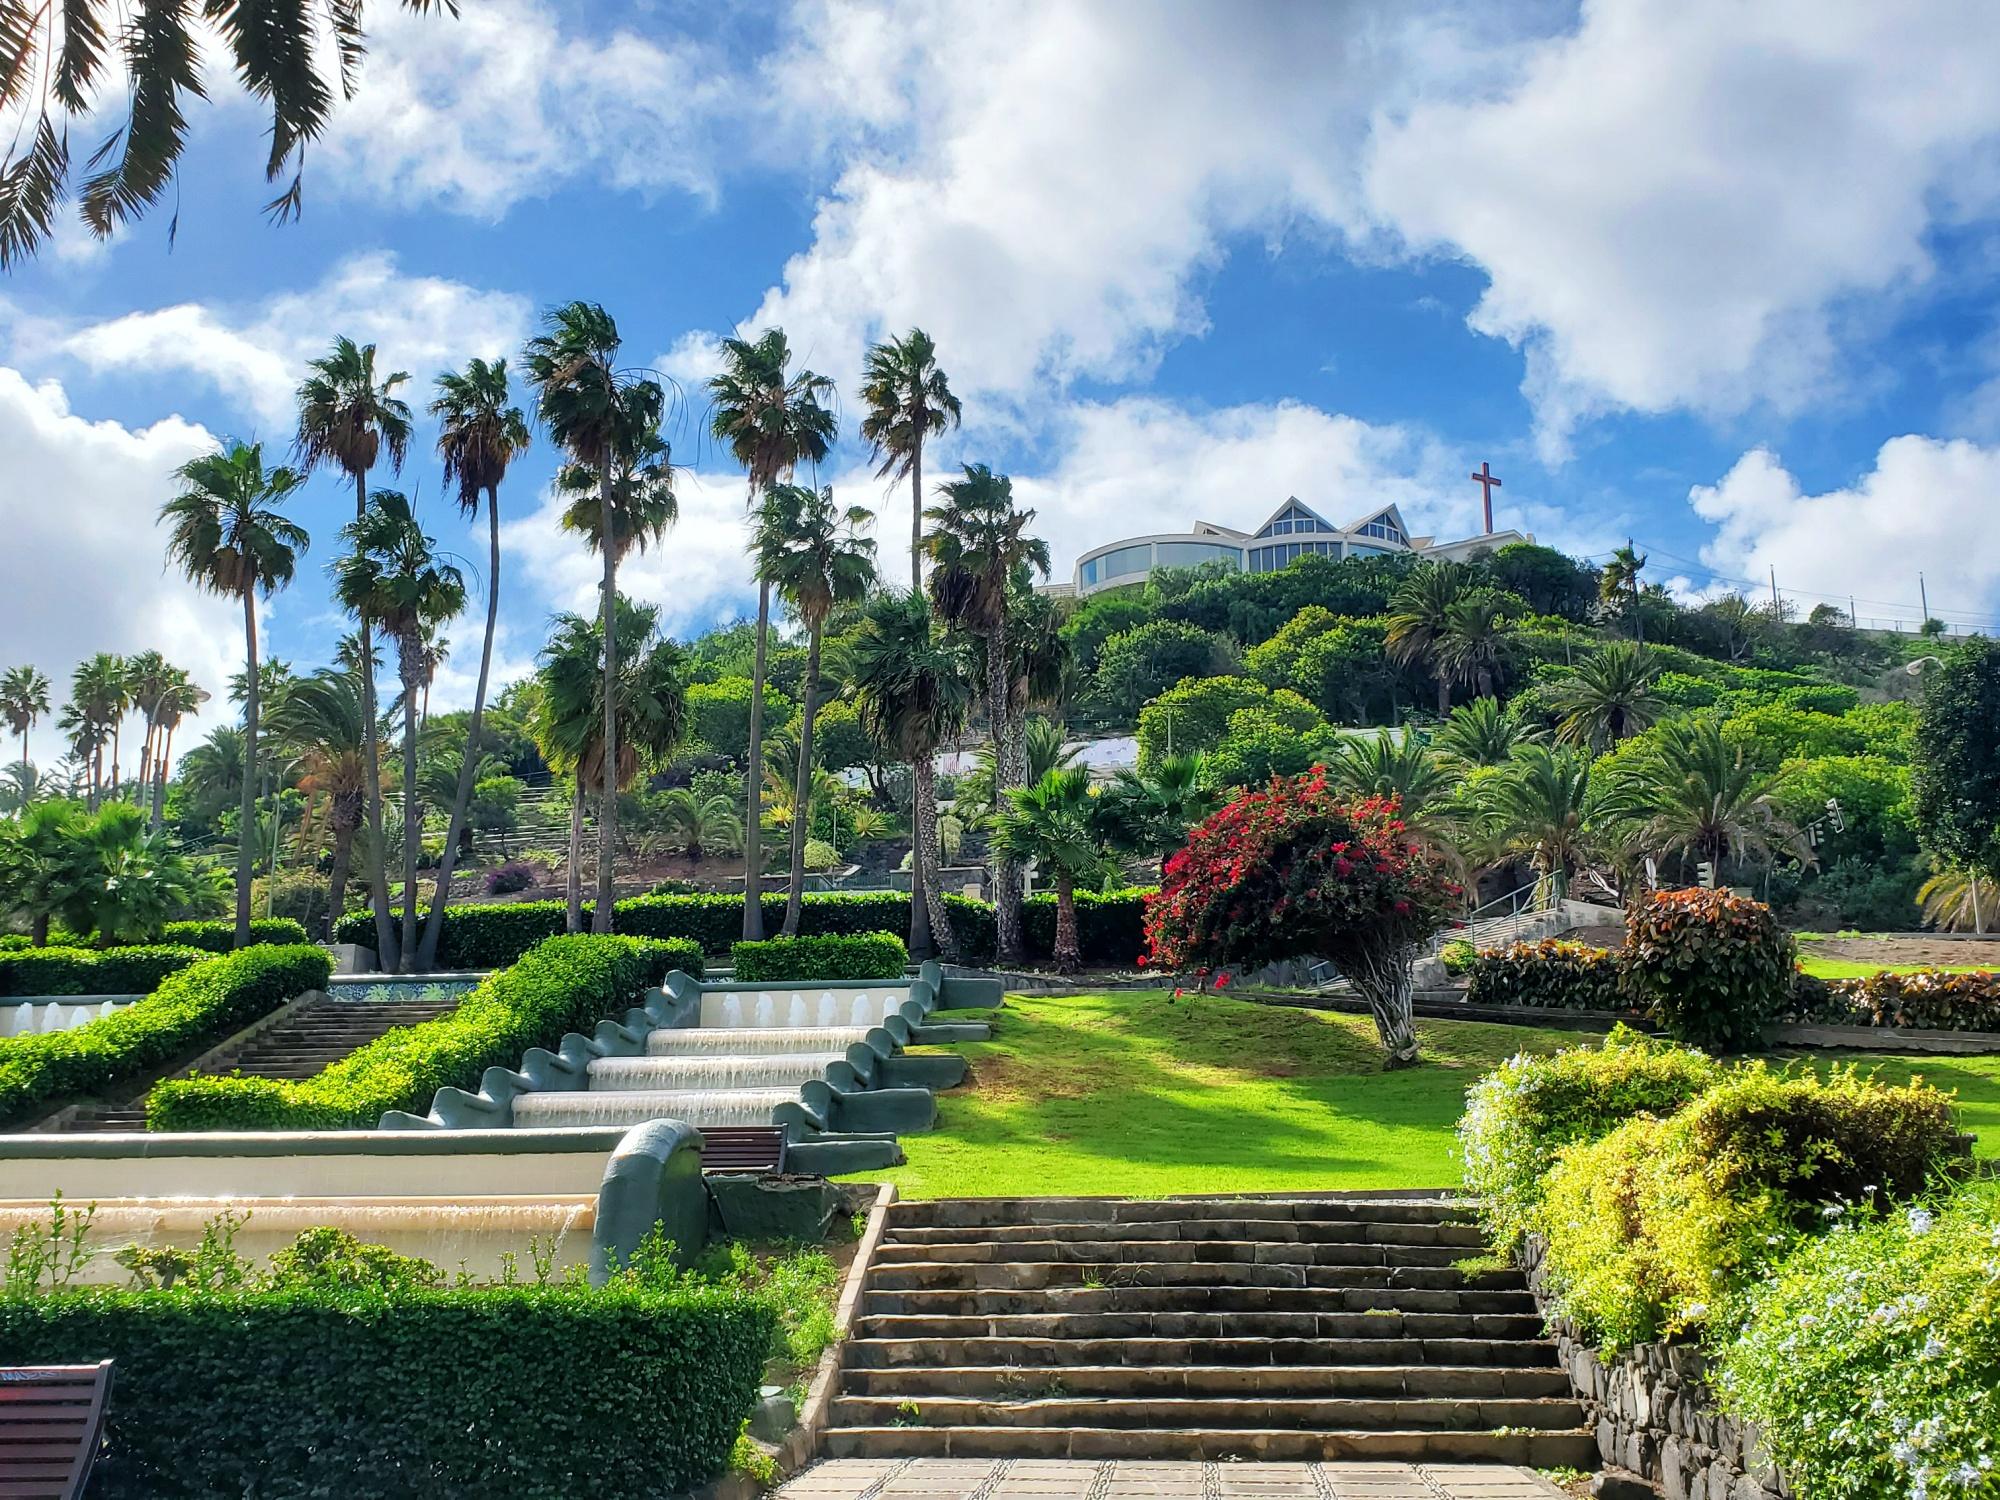 Las Palmas park